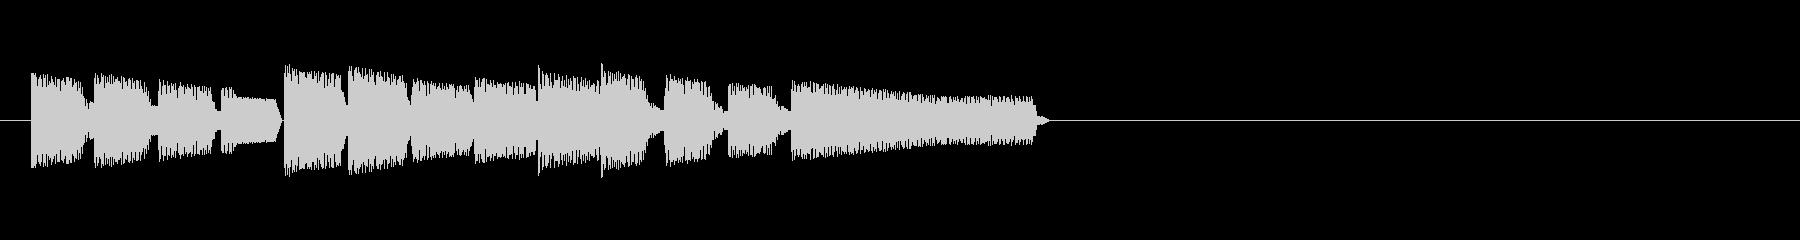 レトロゲーム・和風のジングル2の未再生の波形